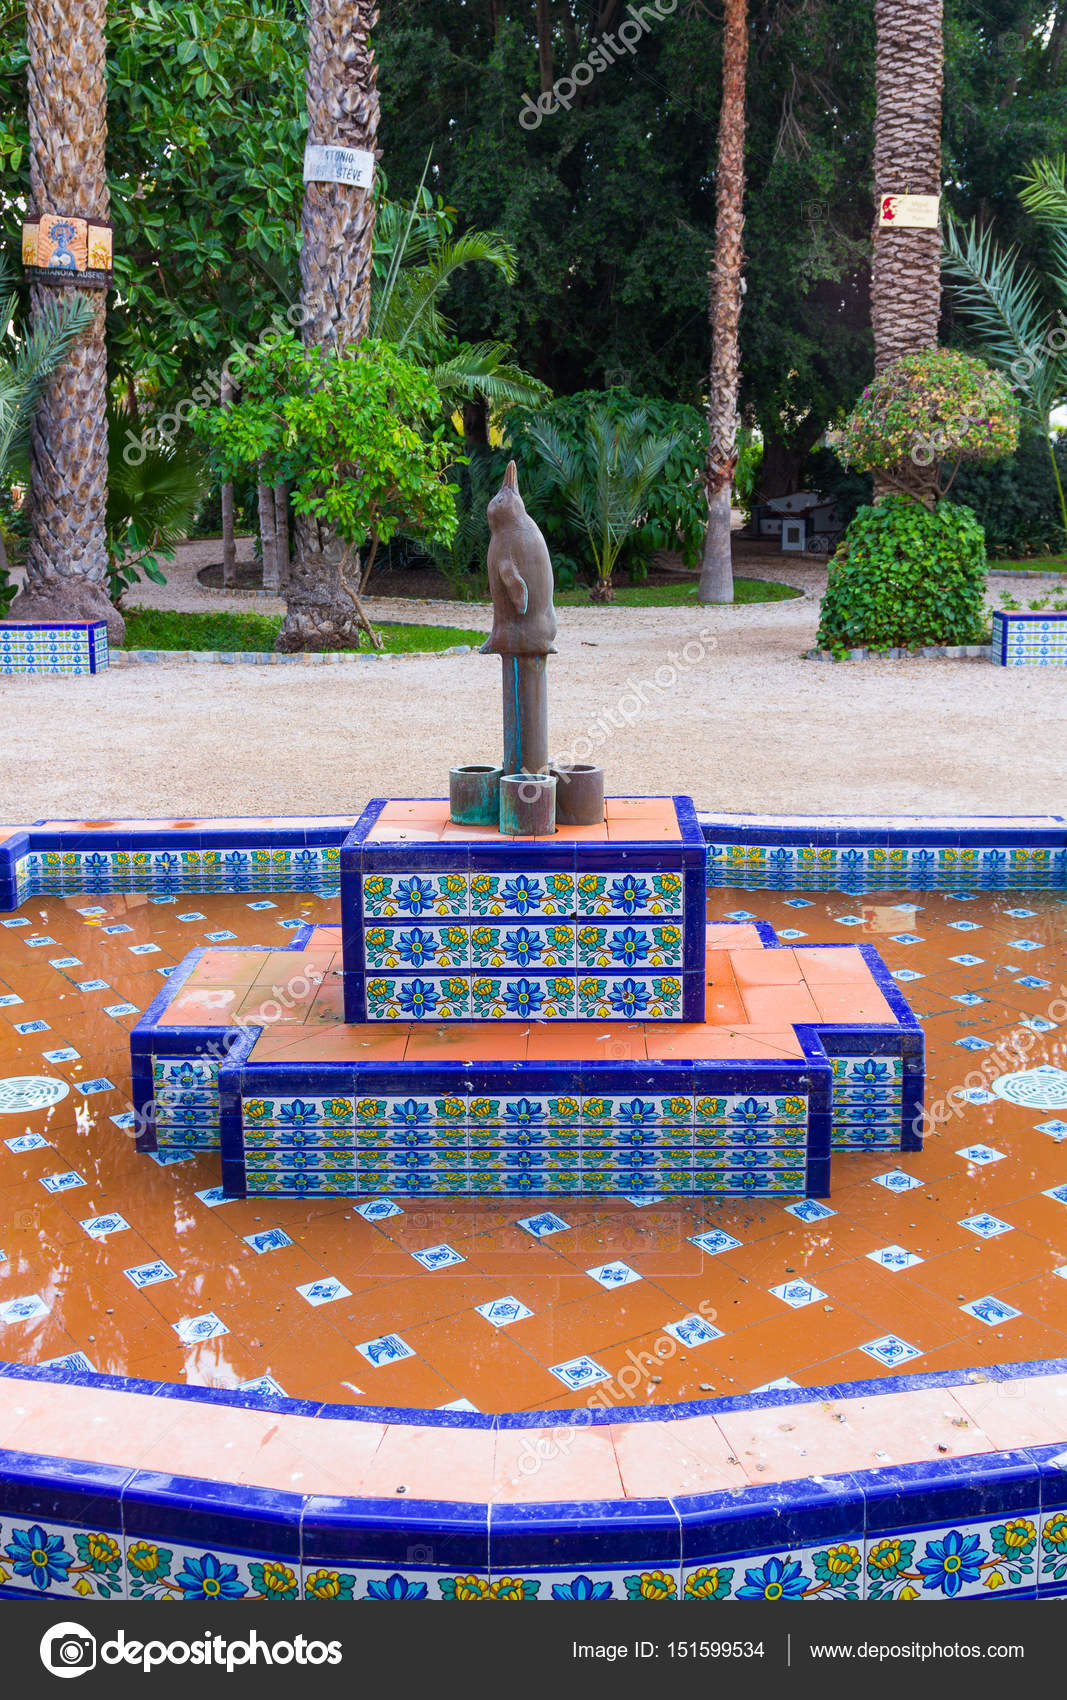 Fuente Estanque Rectangular Foto De Stock C James633 151599534 - Estanque-rectangular